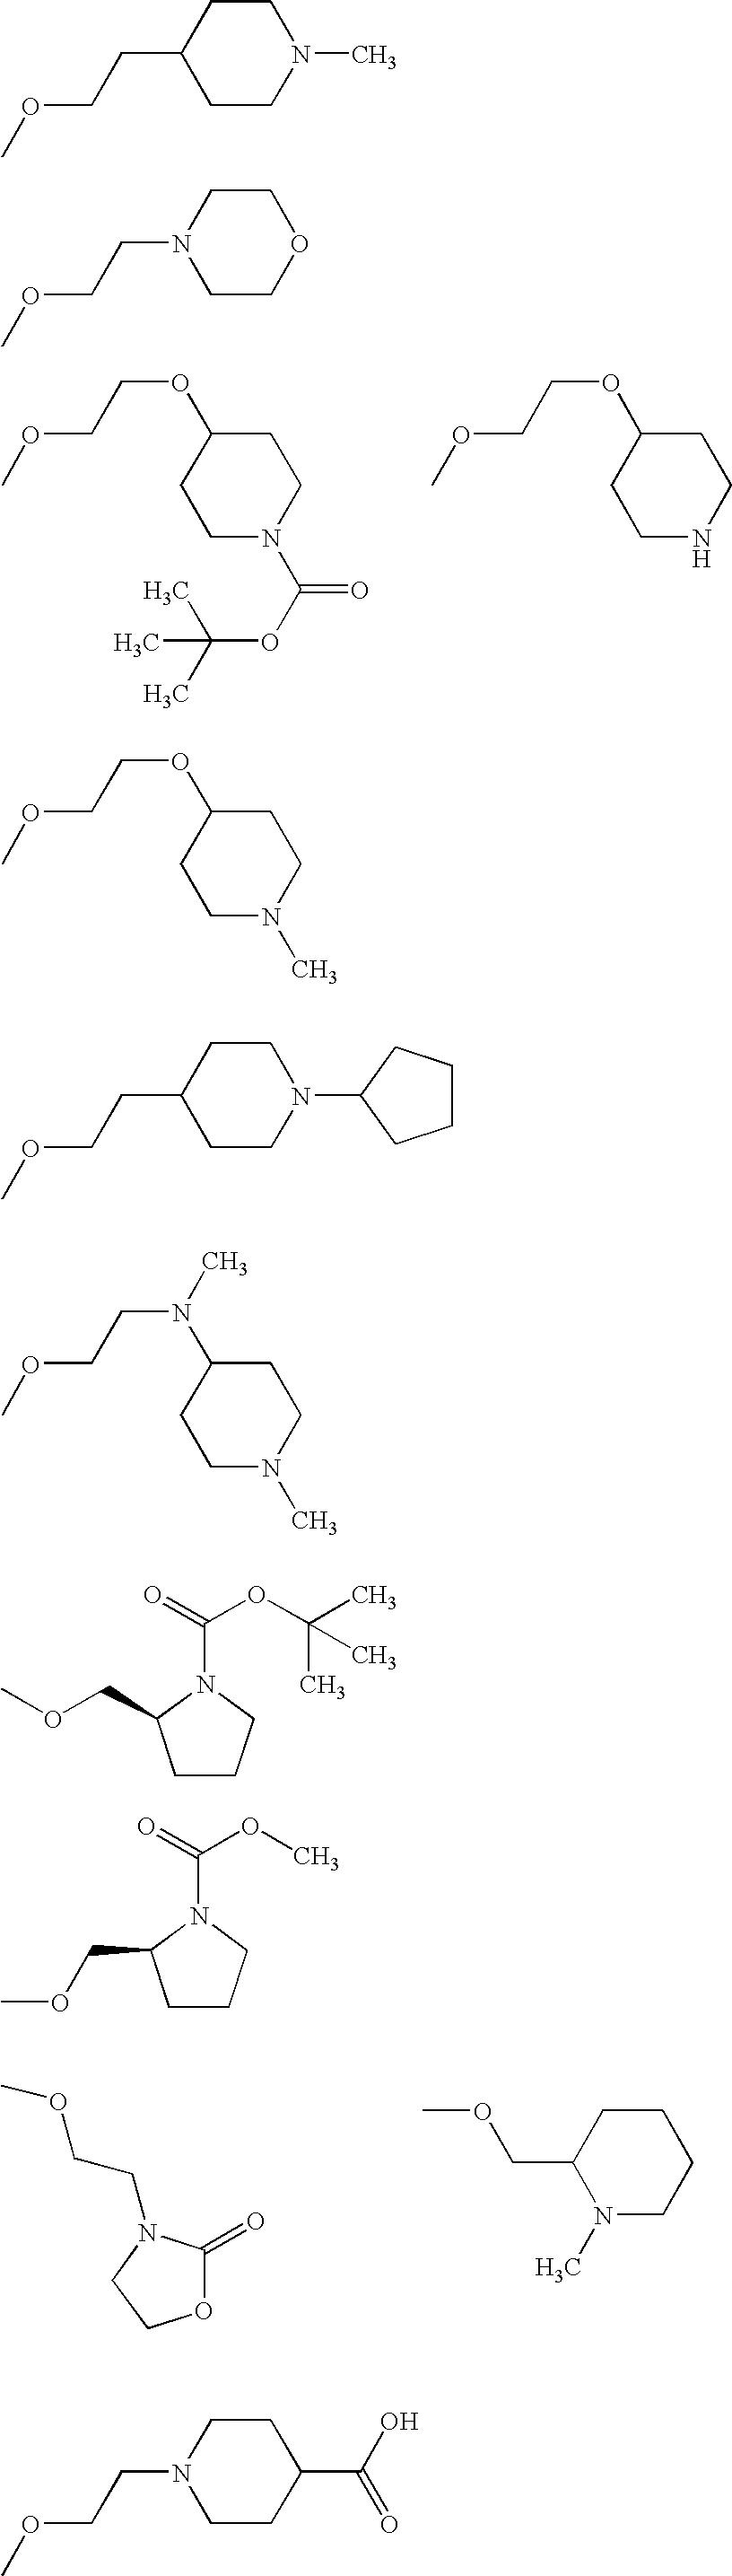 Figure US20070049593A1-20070301-C00223